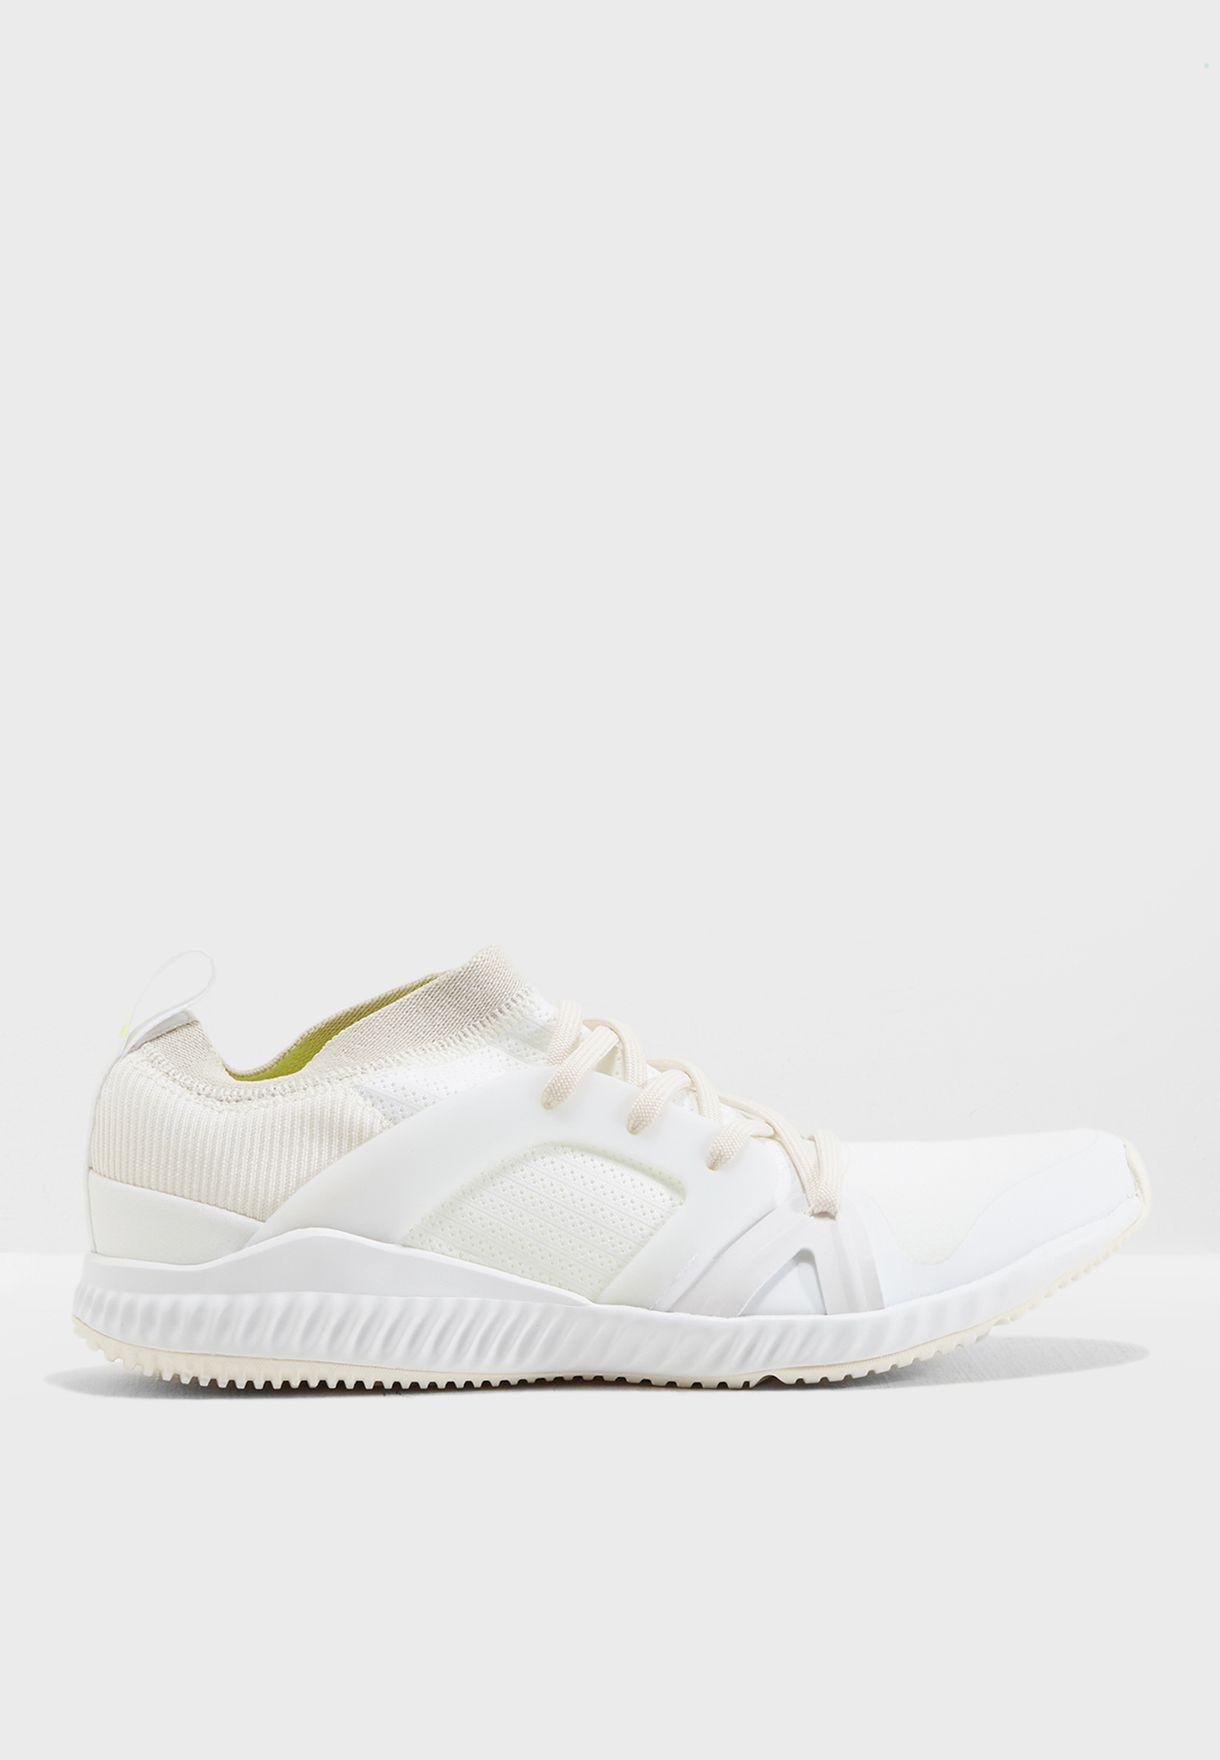 Shop adidas by Stella McCartney Blanc Crazytrain Pro AC7557 for